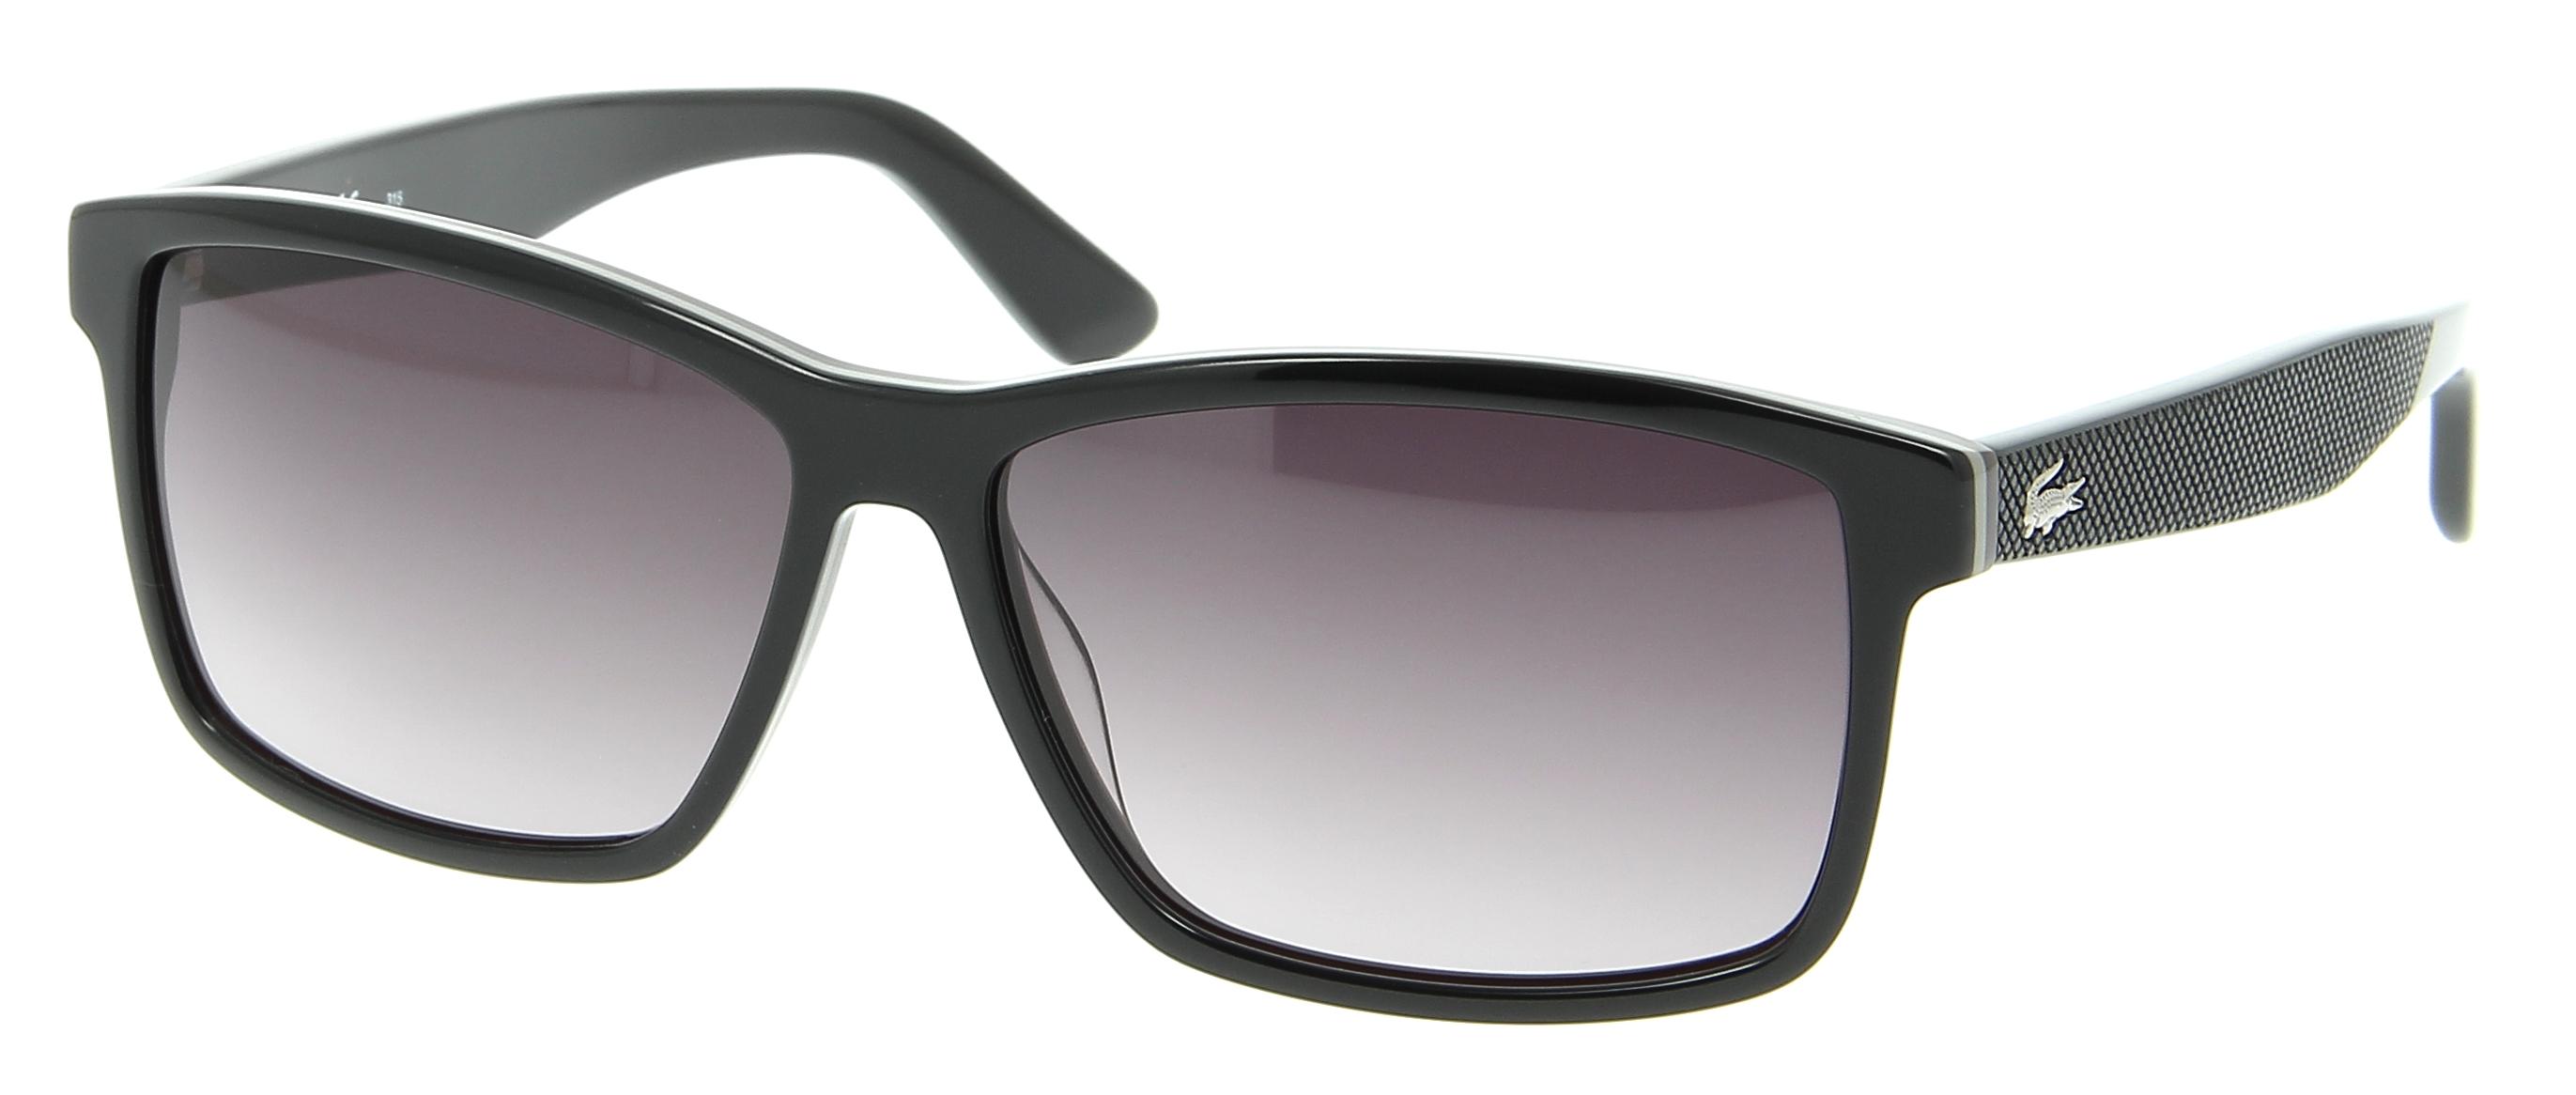 lunettes de soleil lacoste l 705s 001 57 13 mixte noir rectangle cercl e classique 57mmx13mm 105. Black Bedroom Furniture Sets. Home Design Ideas